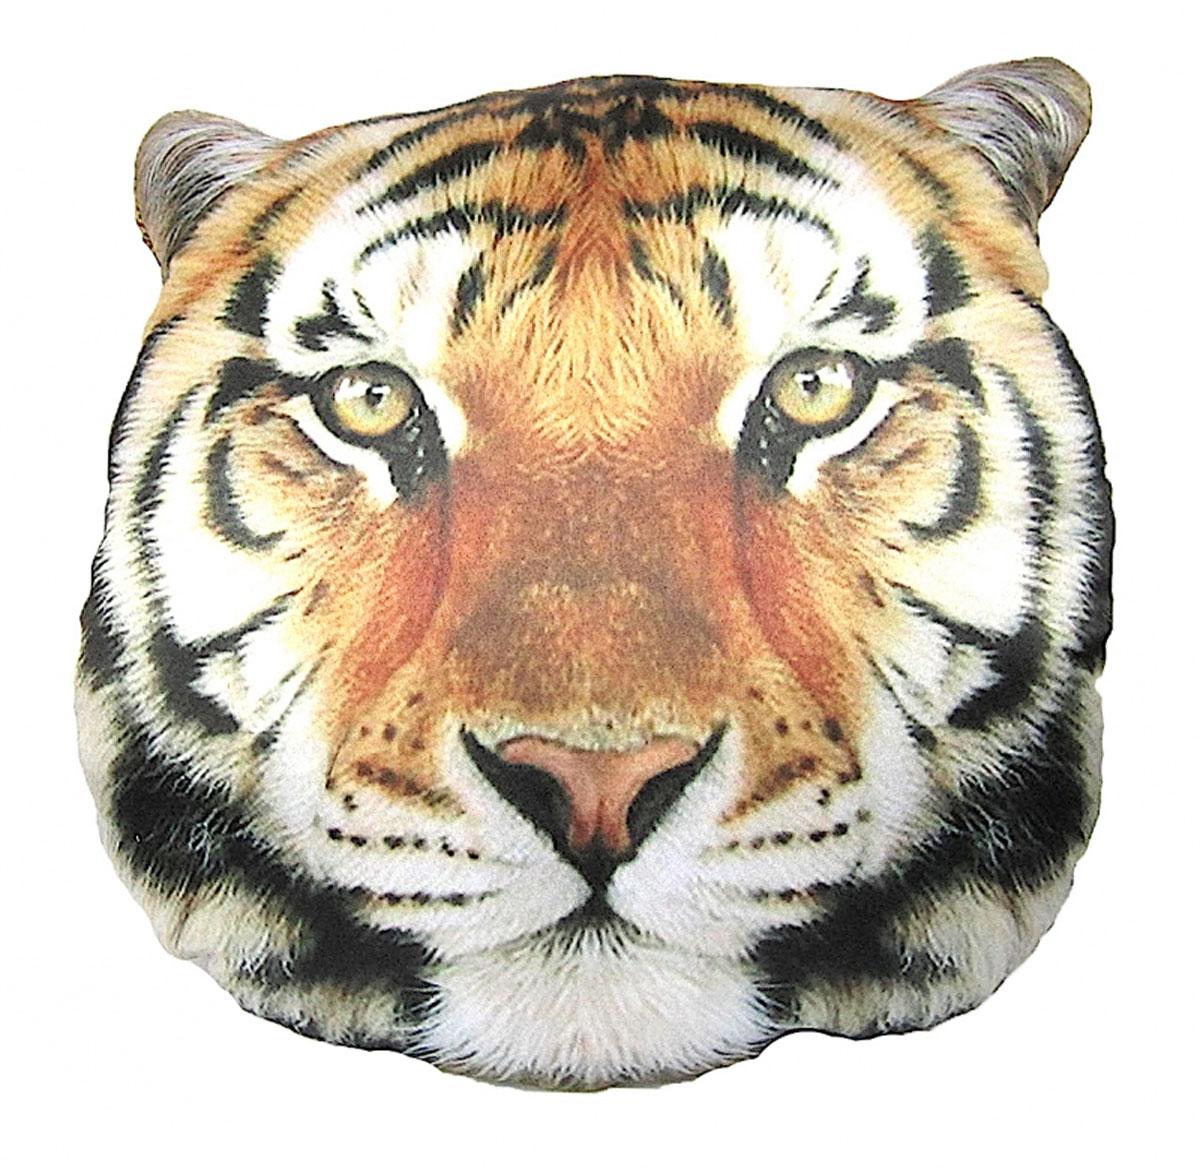 Подушка декоративная GiftnHome Тигр, 40 x 40 смPLW-Face ТигрПодушка декоративная GiftnHome, выполненная в виде морды тигра, прекрасно дополнит интерьер спальни или гостиной. Чехол подушки изготовлен из атласа (искусственный шелк). В качестве наполнителя используется мягкий холлофайбер. Чехол снабжен потайной застежкой-молнией, благодаря чему его легко можно снять и постирать. Красивая подушка создаст атмосферу уюта в доме и станет прекрасным элементом декора.